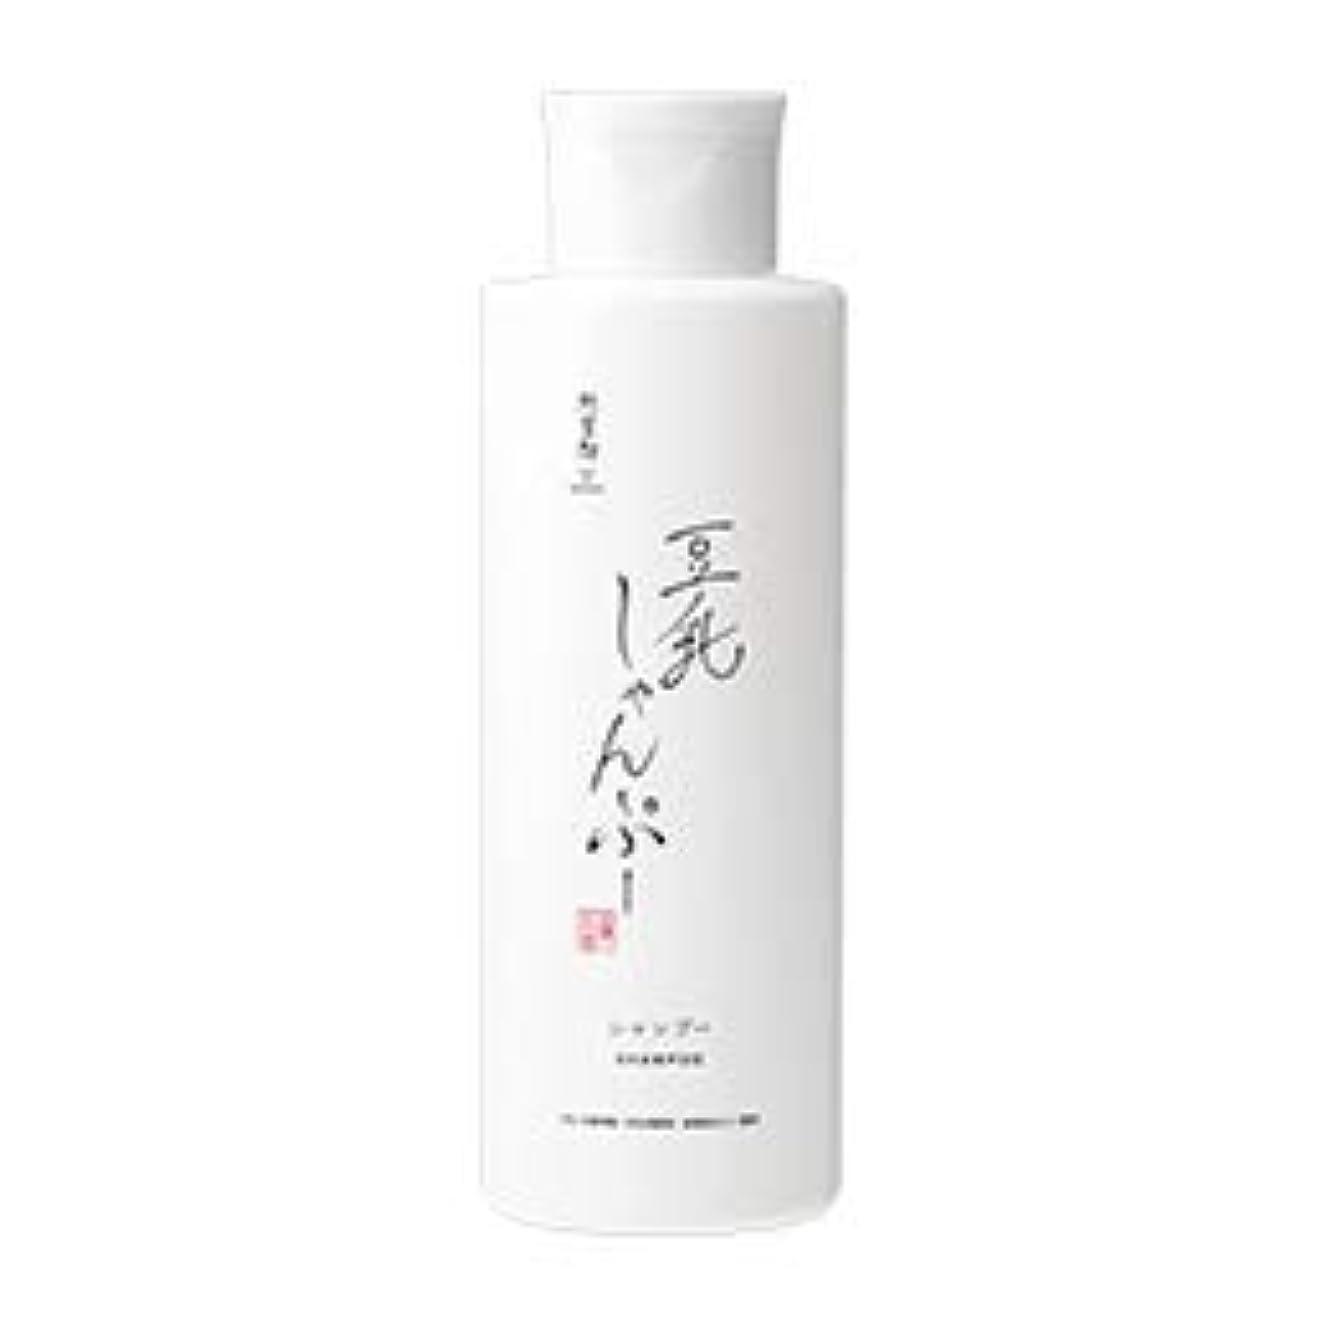 俳句ゴールドコロニアル豆腐の盛田屋 豆乳しゃんぷー 自然生活 300mL